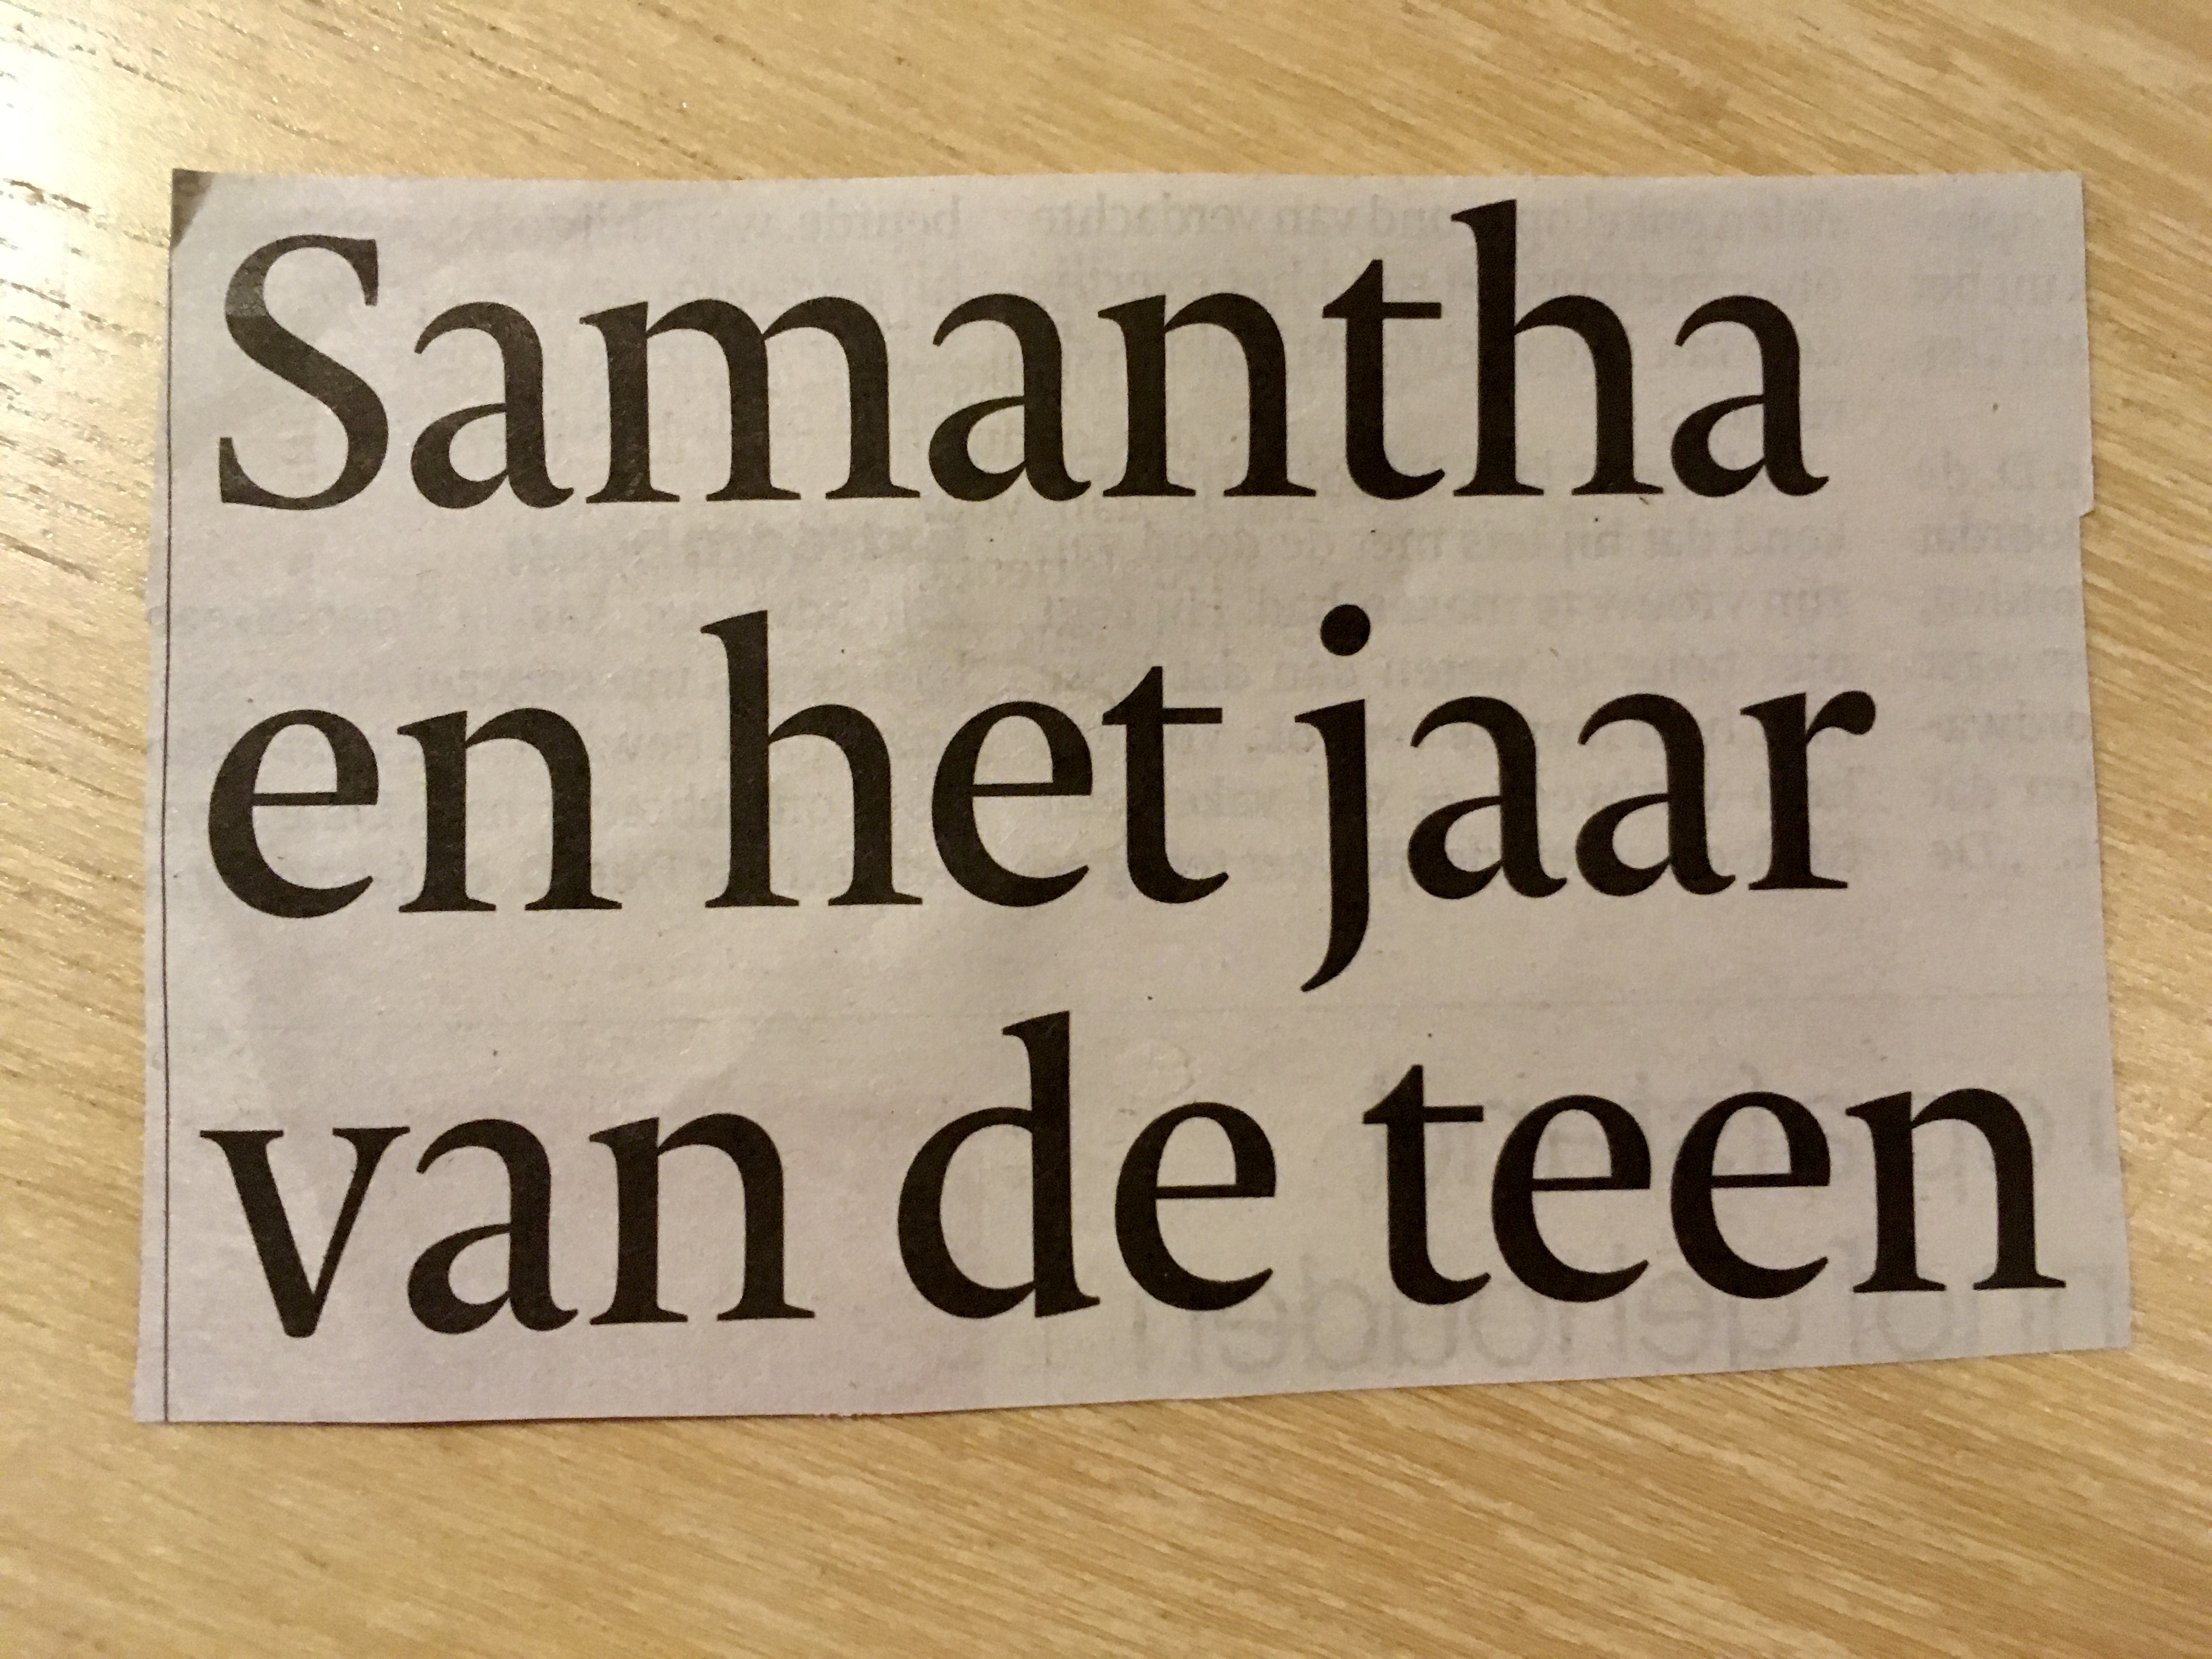 Kop uit de krant met de tekst Samantha en het jaar van de teen